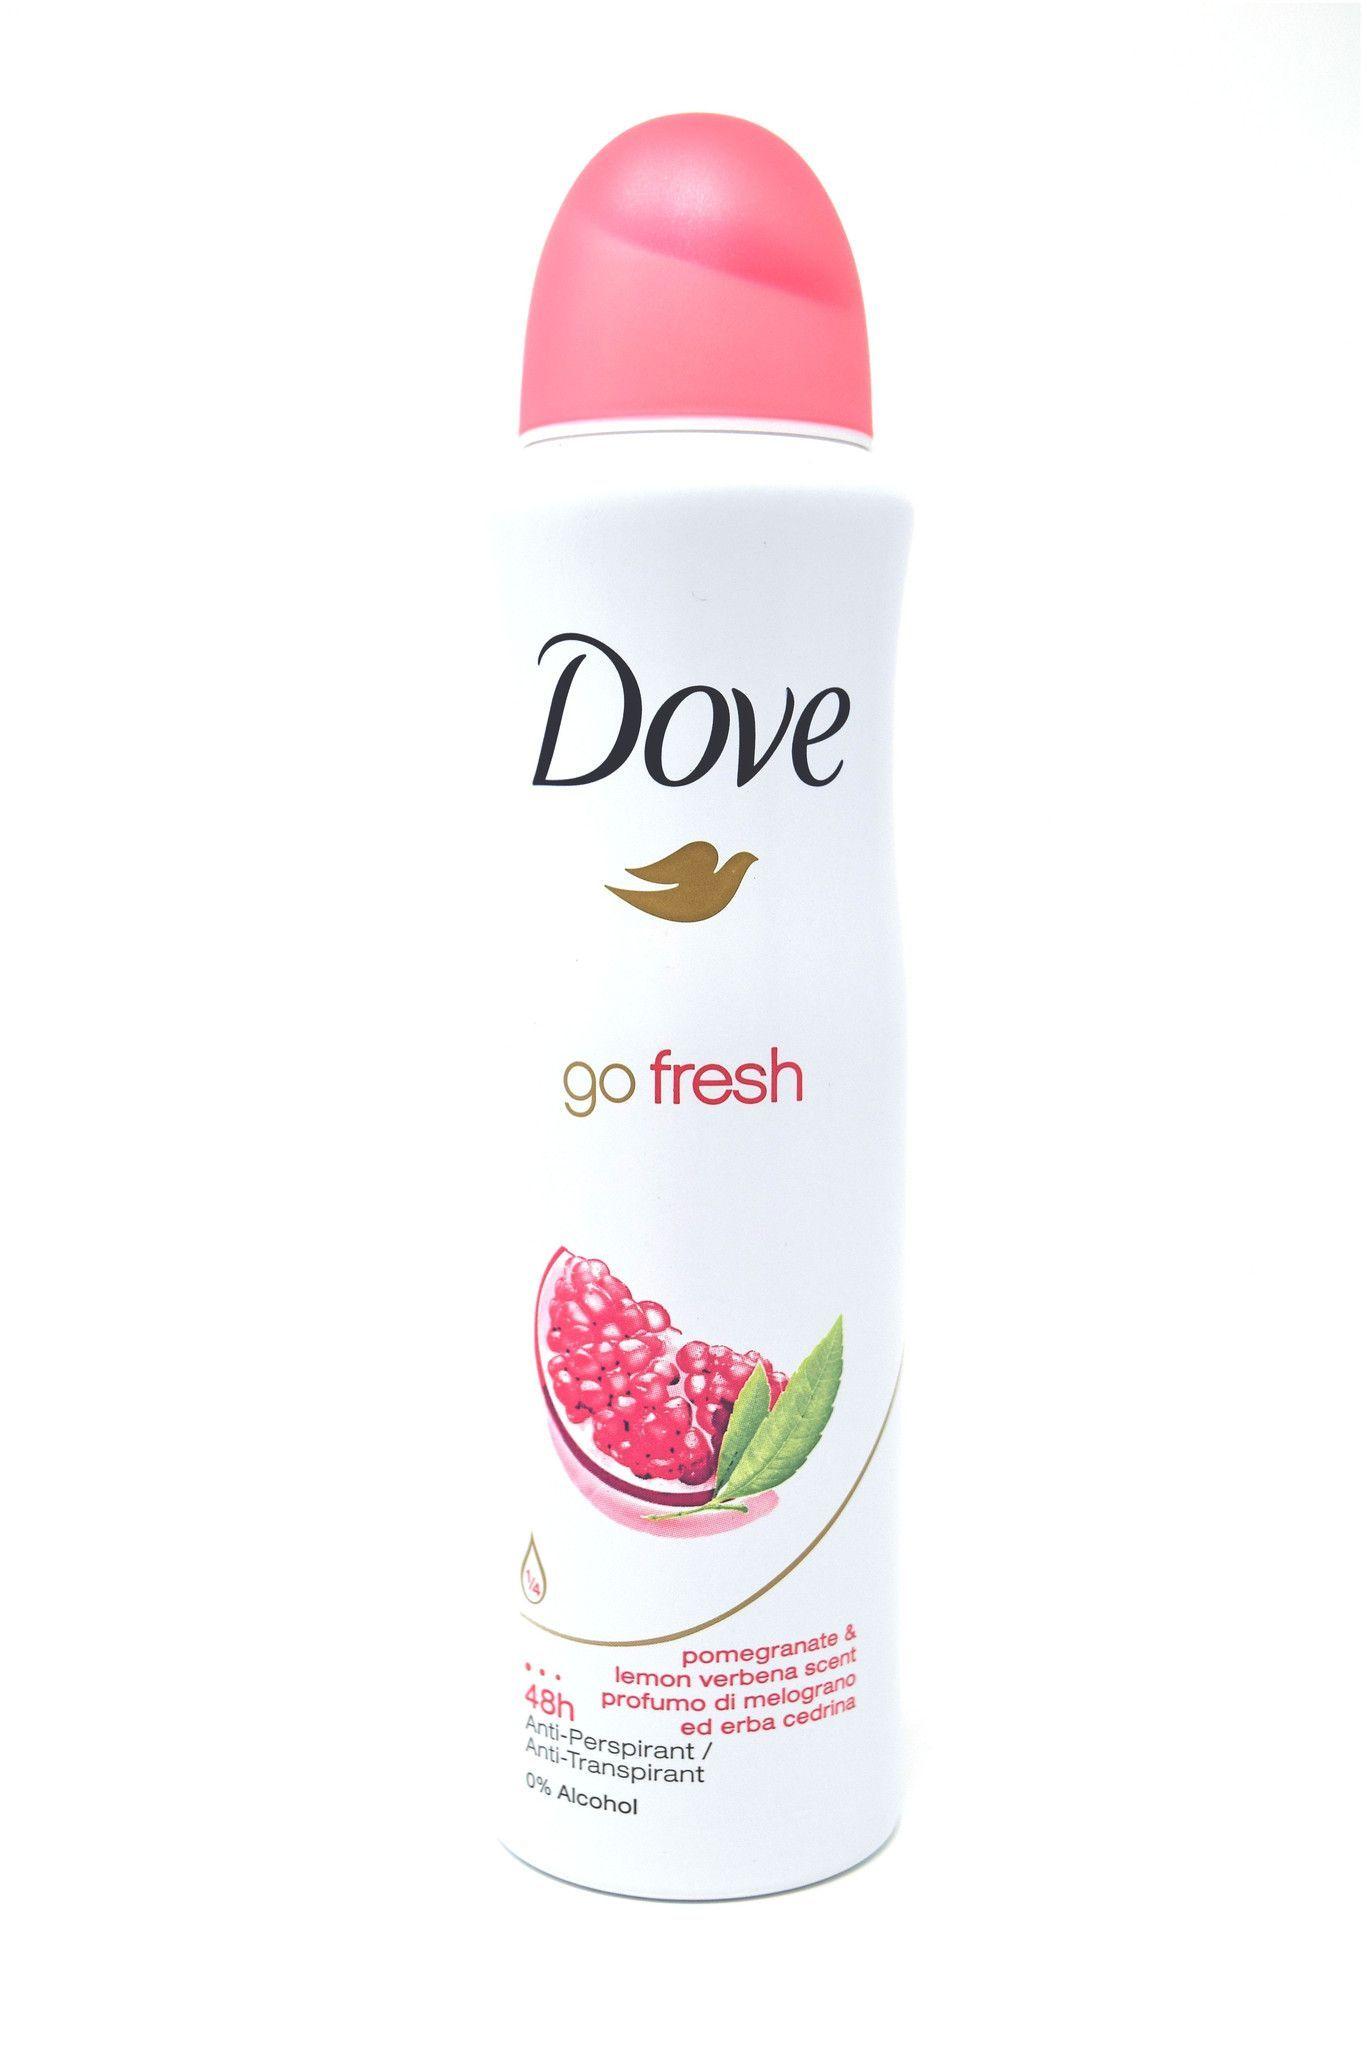 Dove Go Fresh Pomegranate Lemon Verbena Scent Antiperspirant Deodorant Antiperspirant Deodorant Deodorant Deodorant Spray